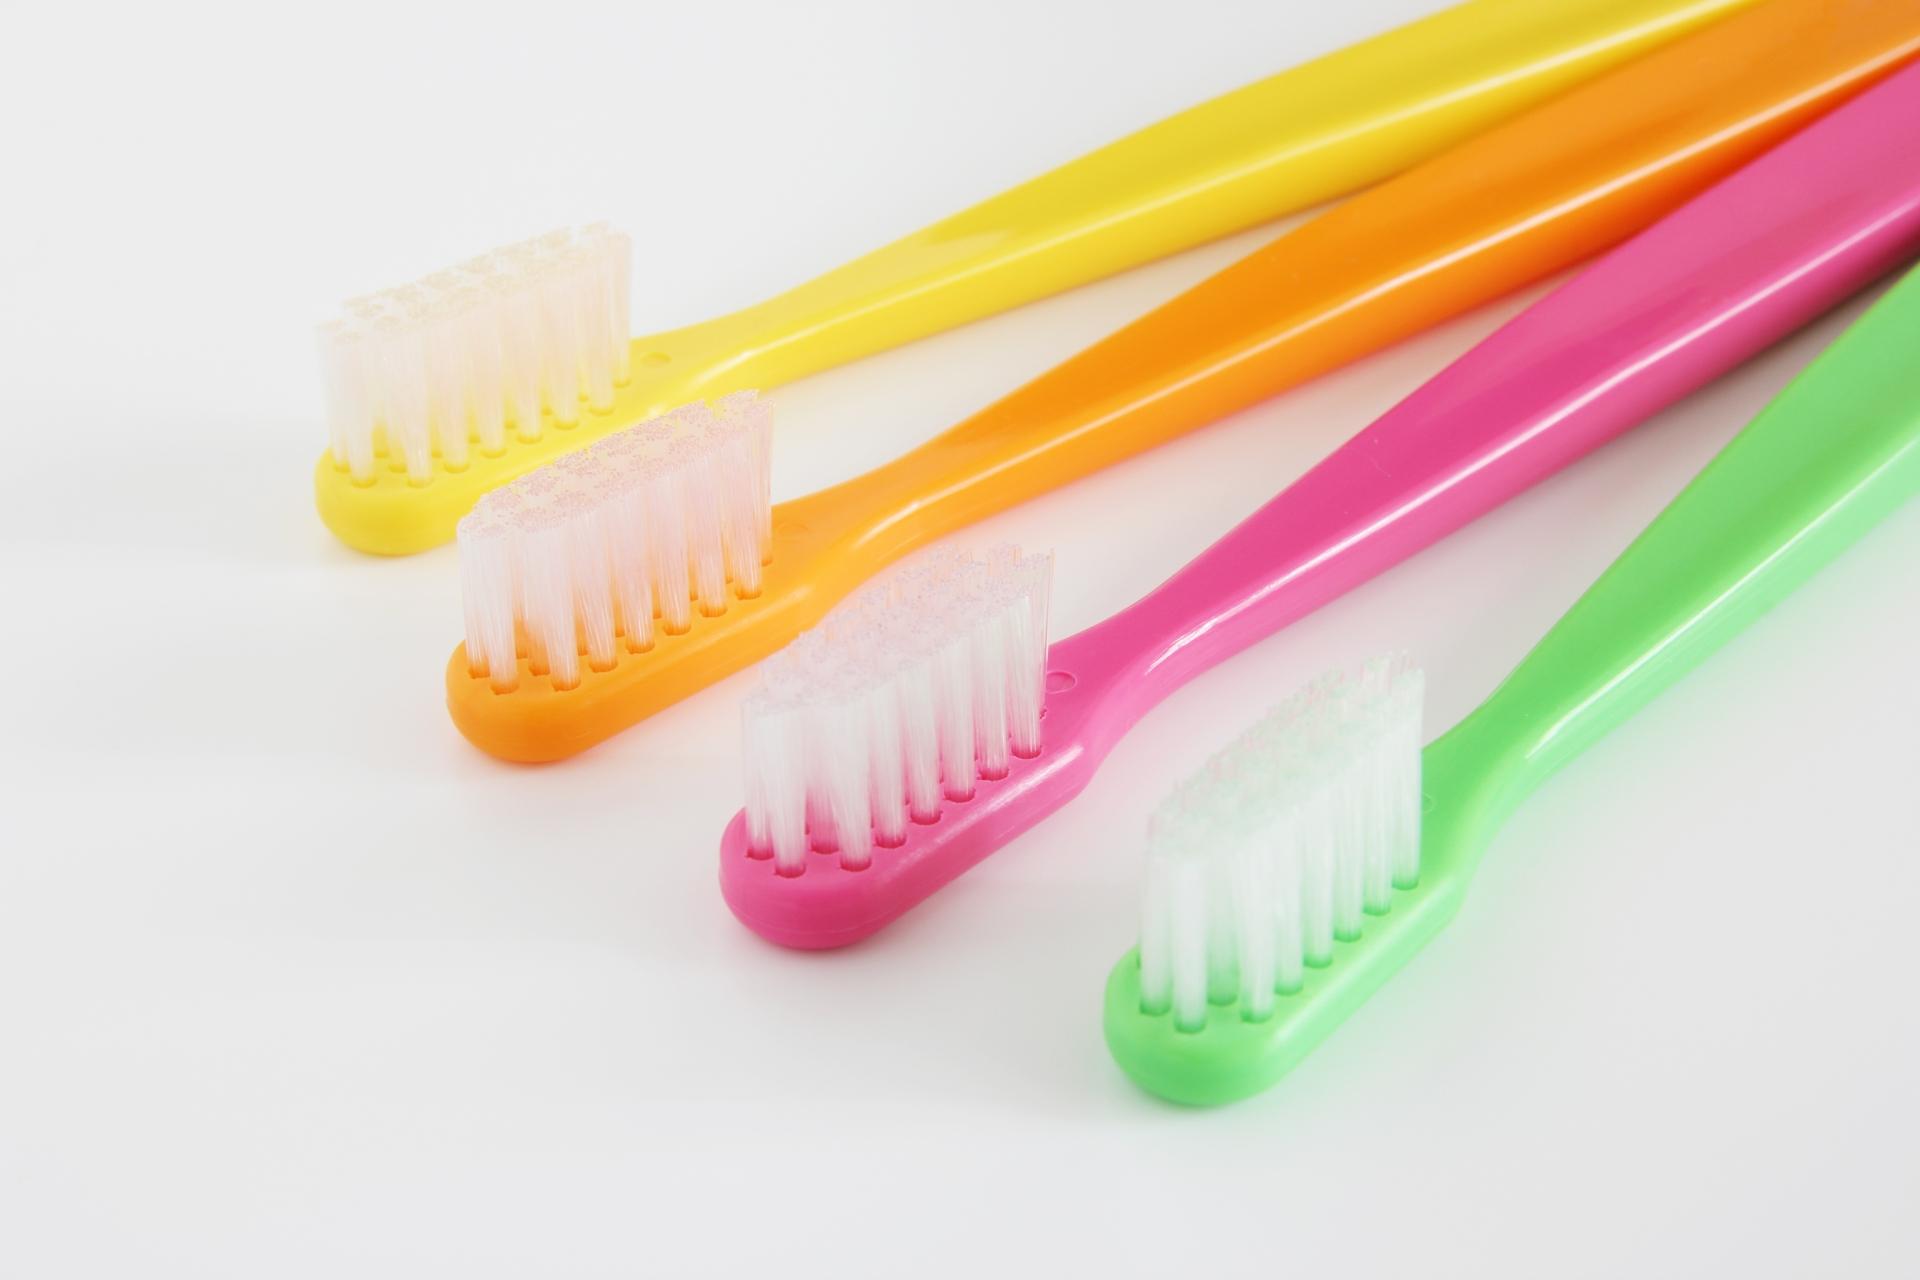 歯ブラシ 2017.1.28